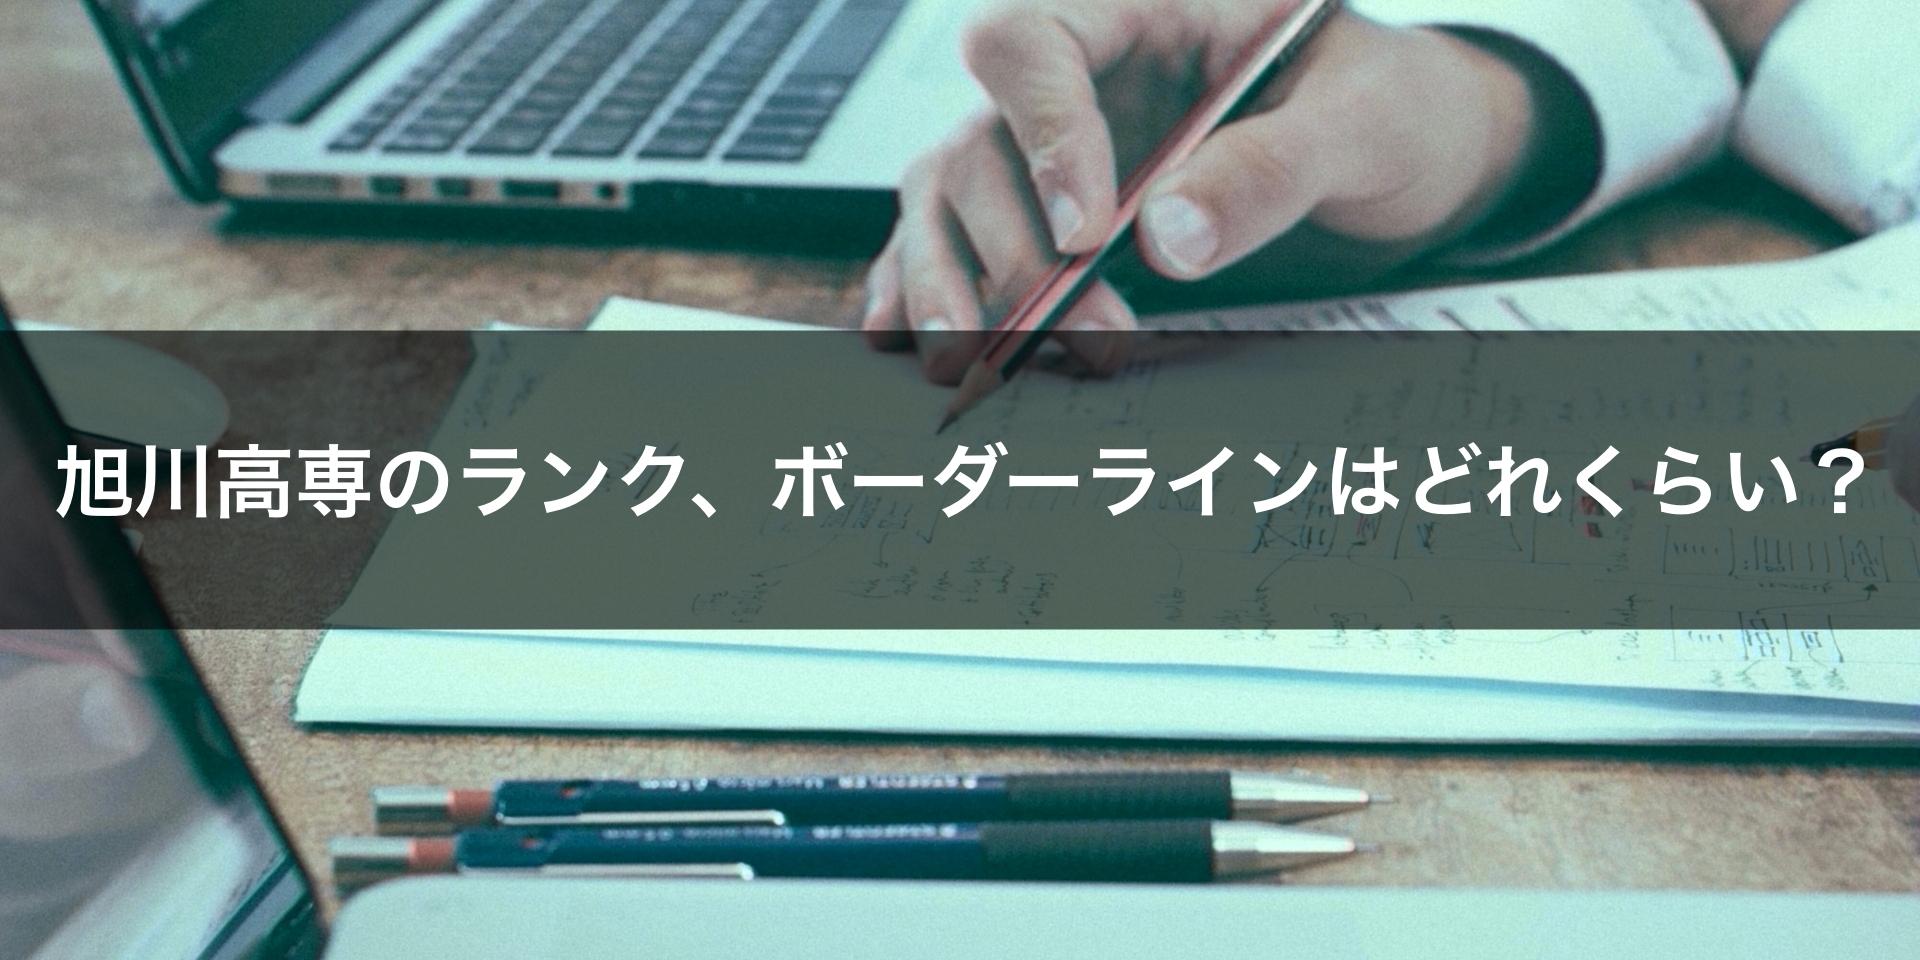 旭川高専のランク、ボーダーラインはどれくらい?